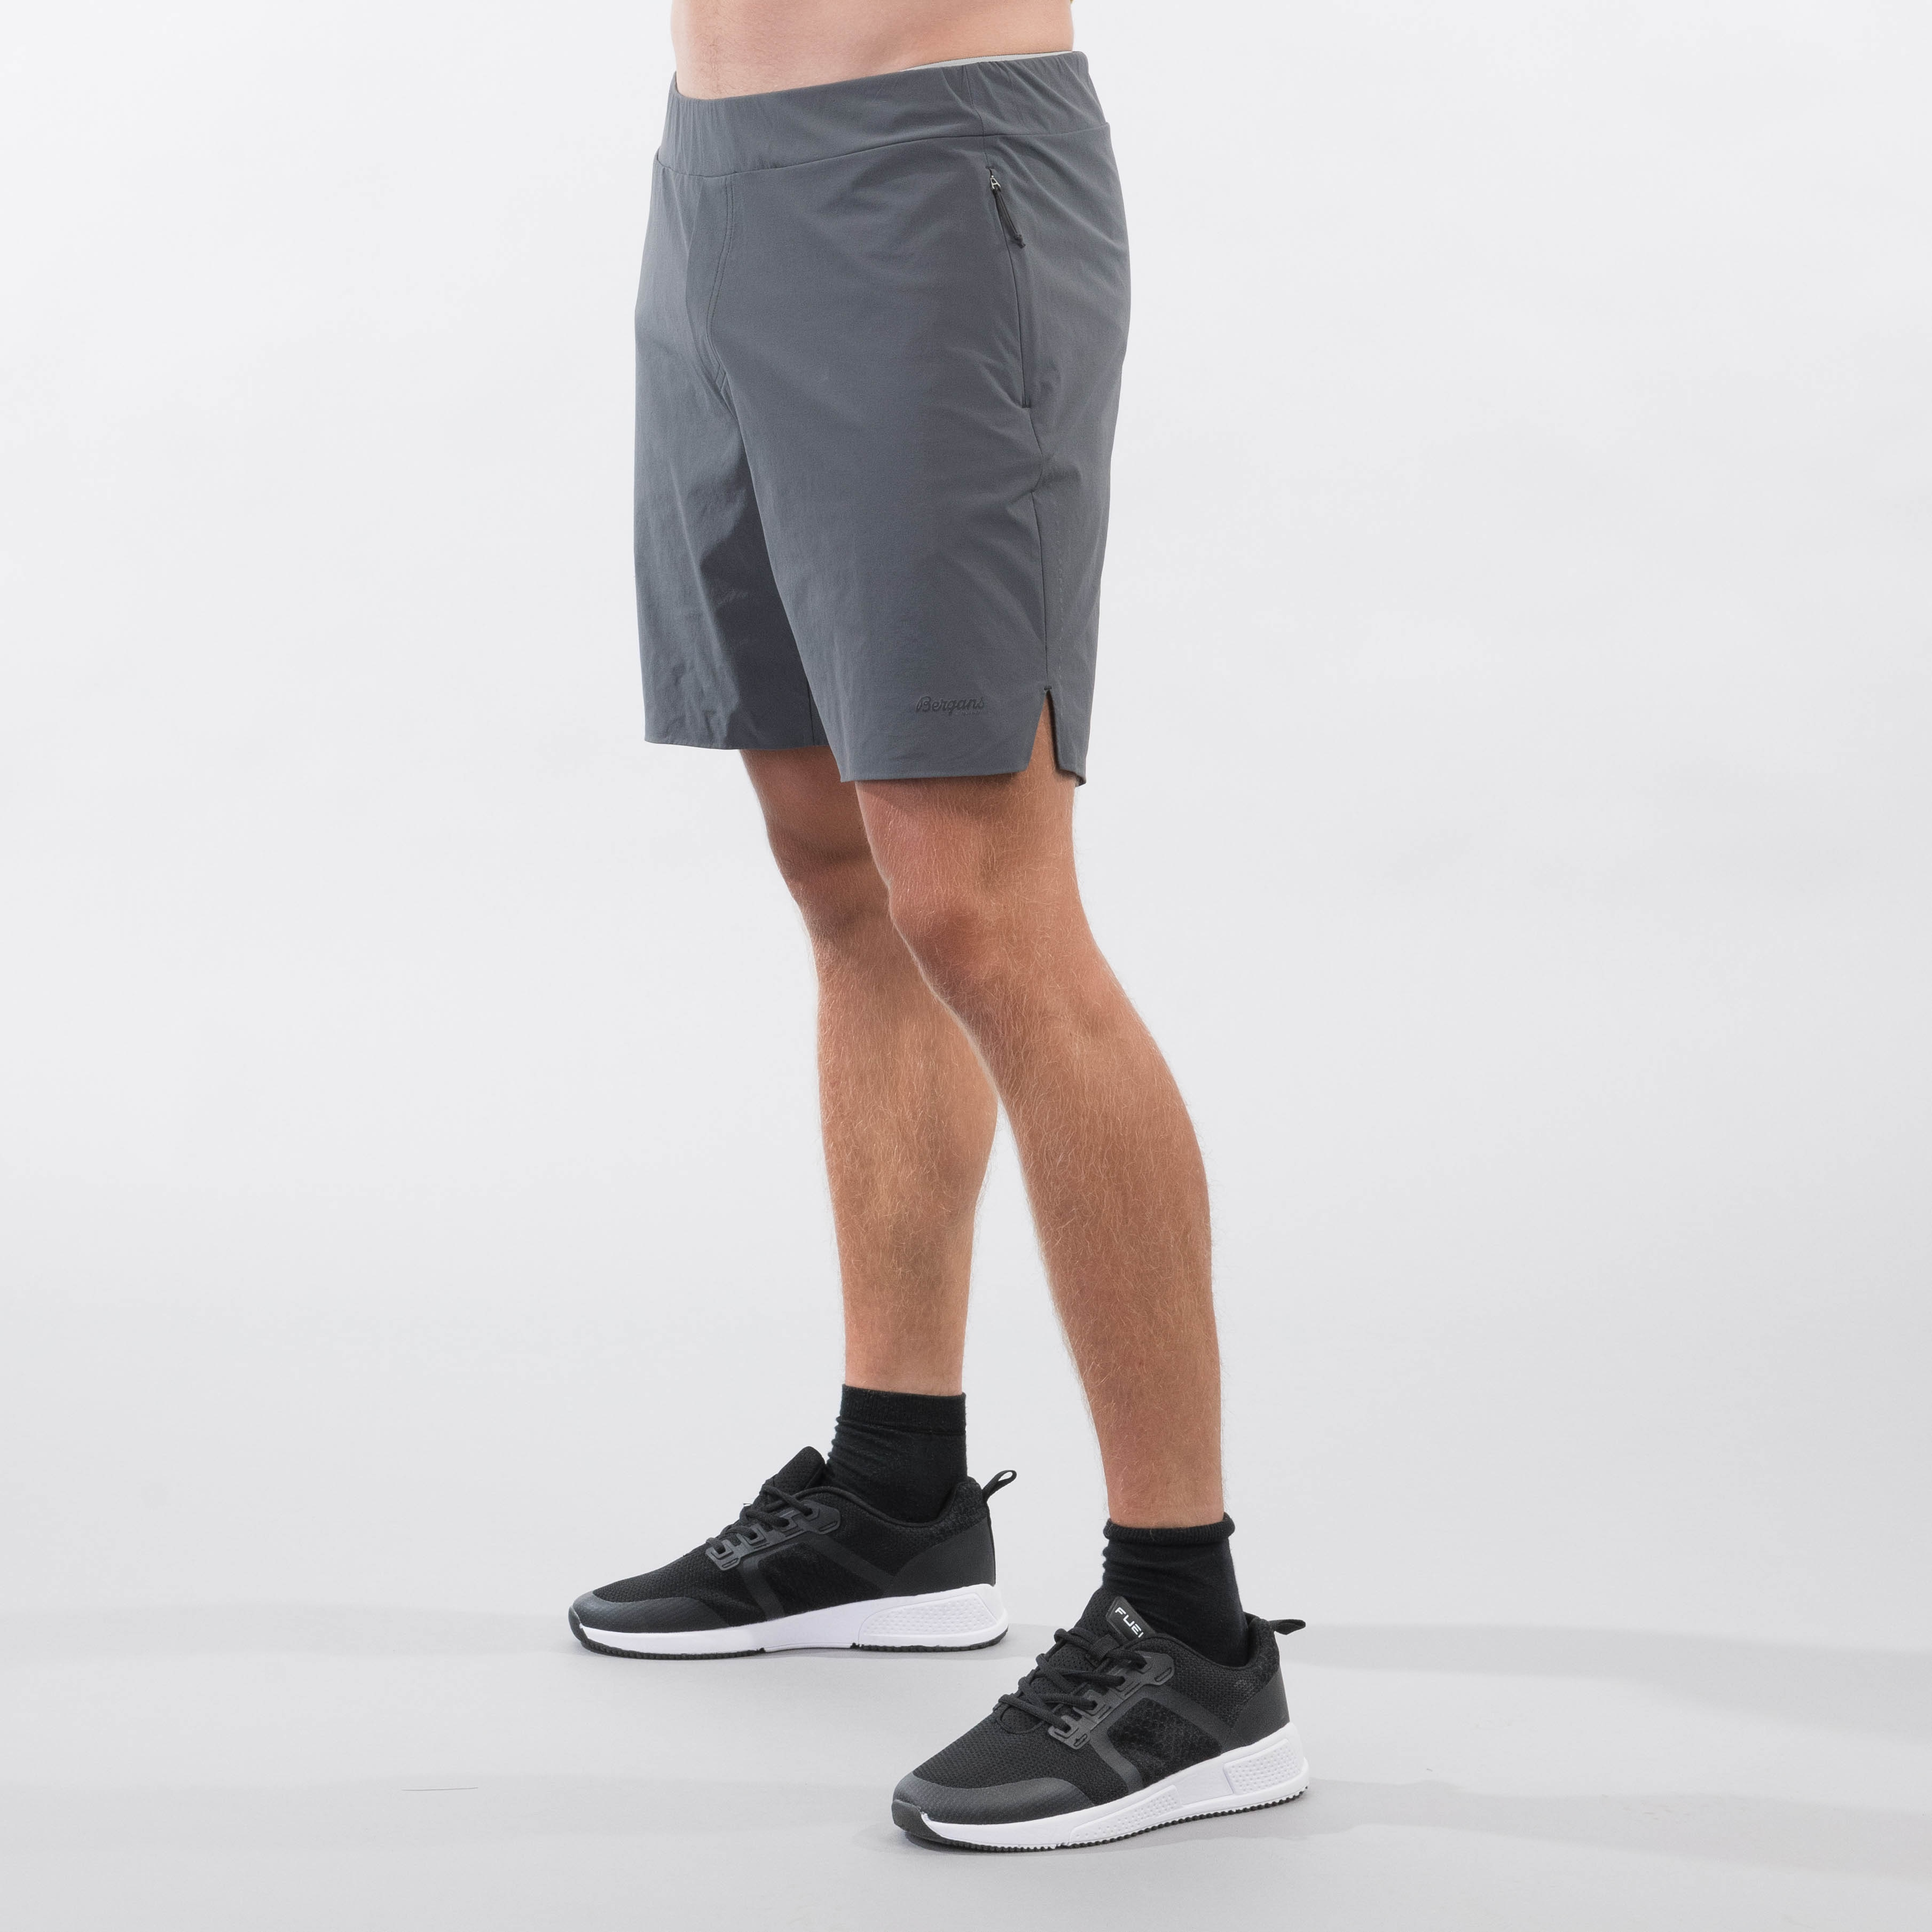 Fløyen V2 Shorts